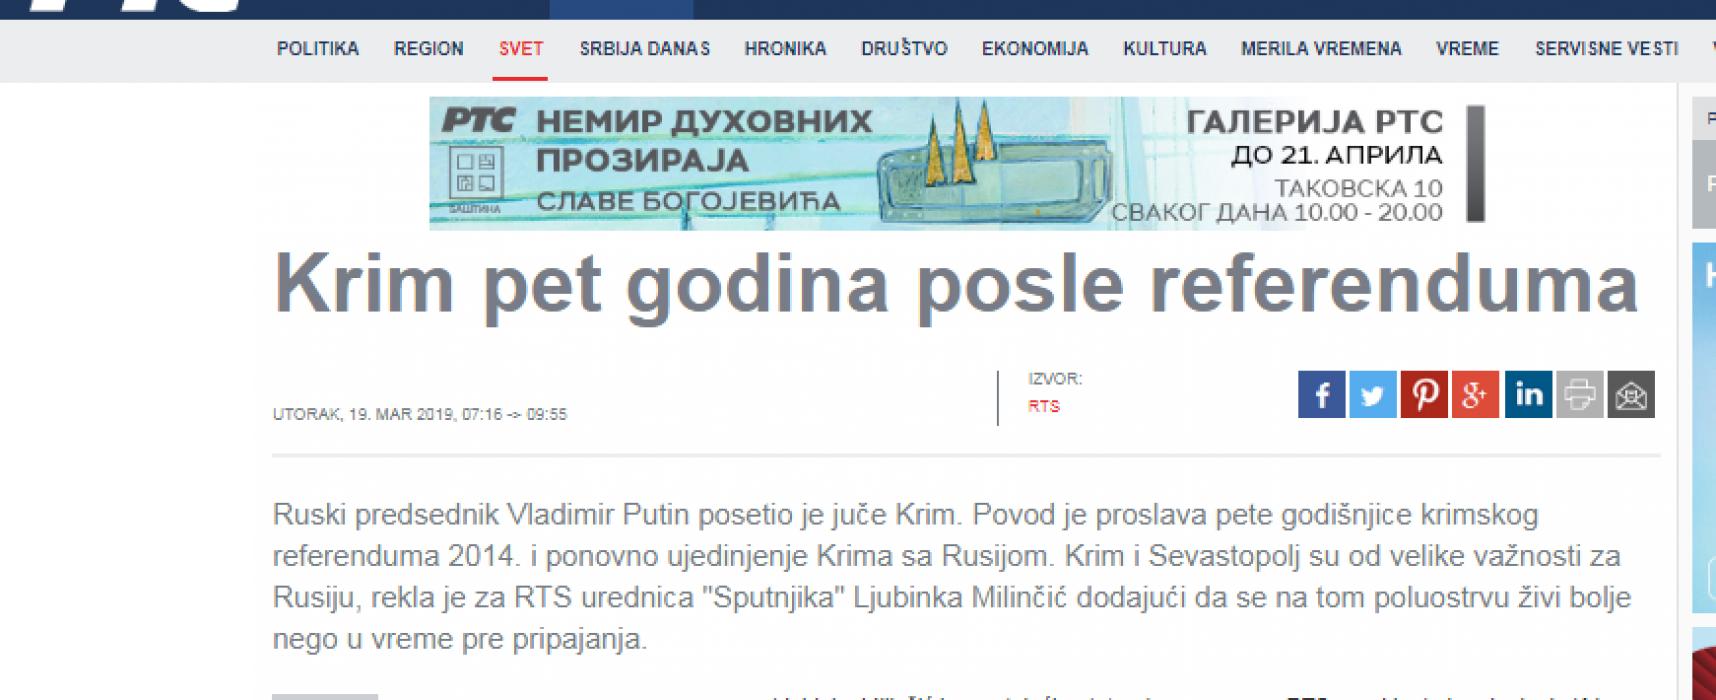 Krim: 5 godina okupacije i dezinformacije